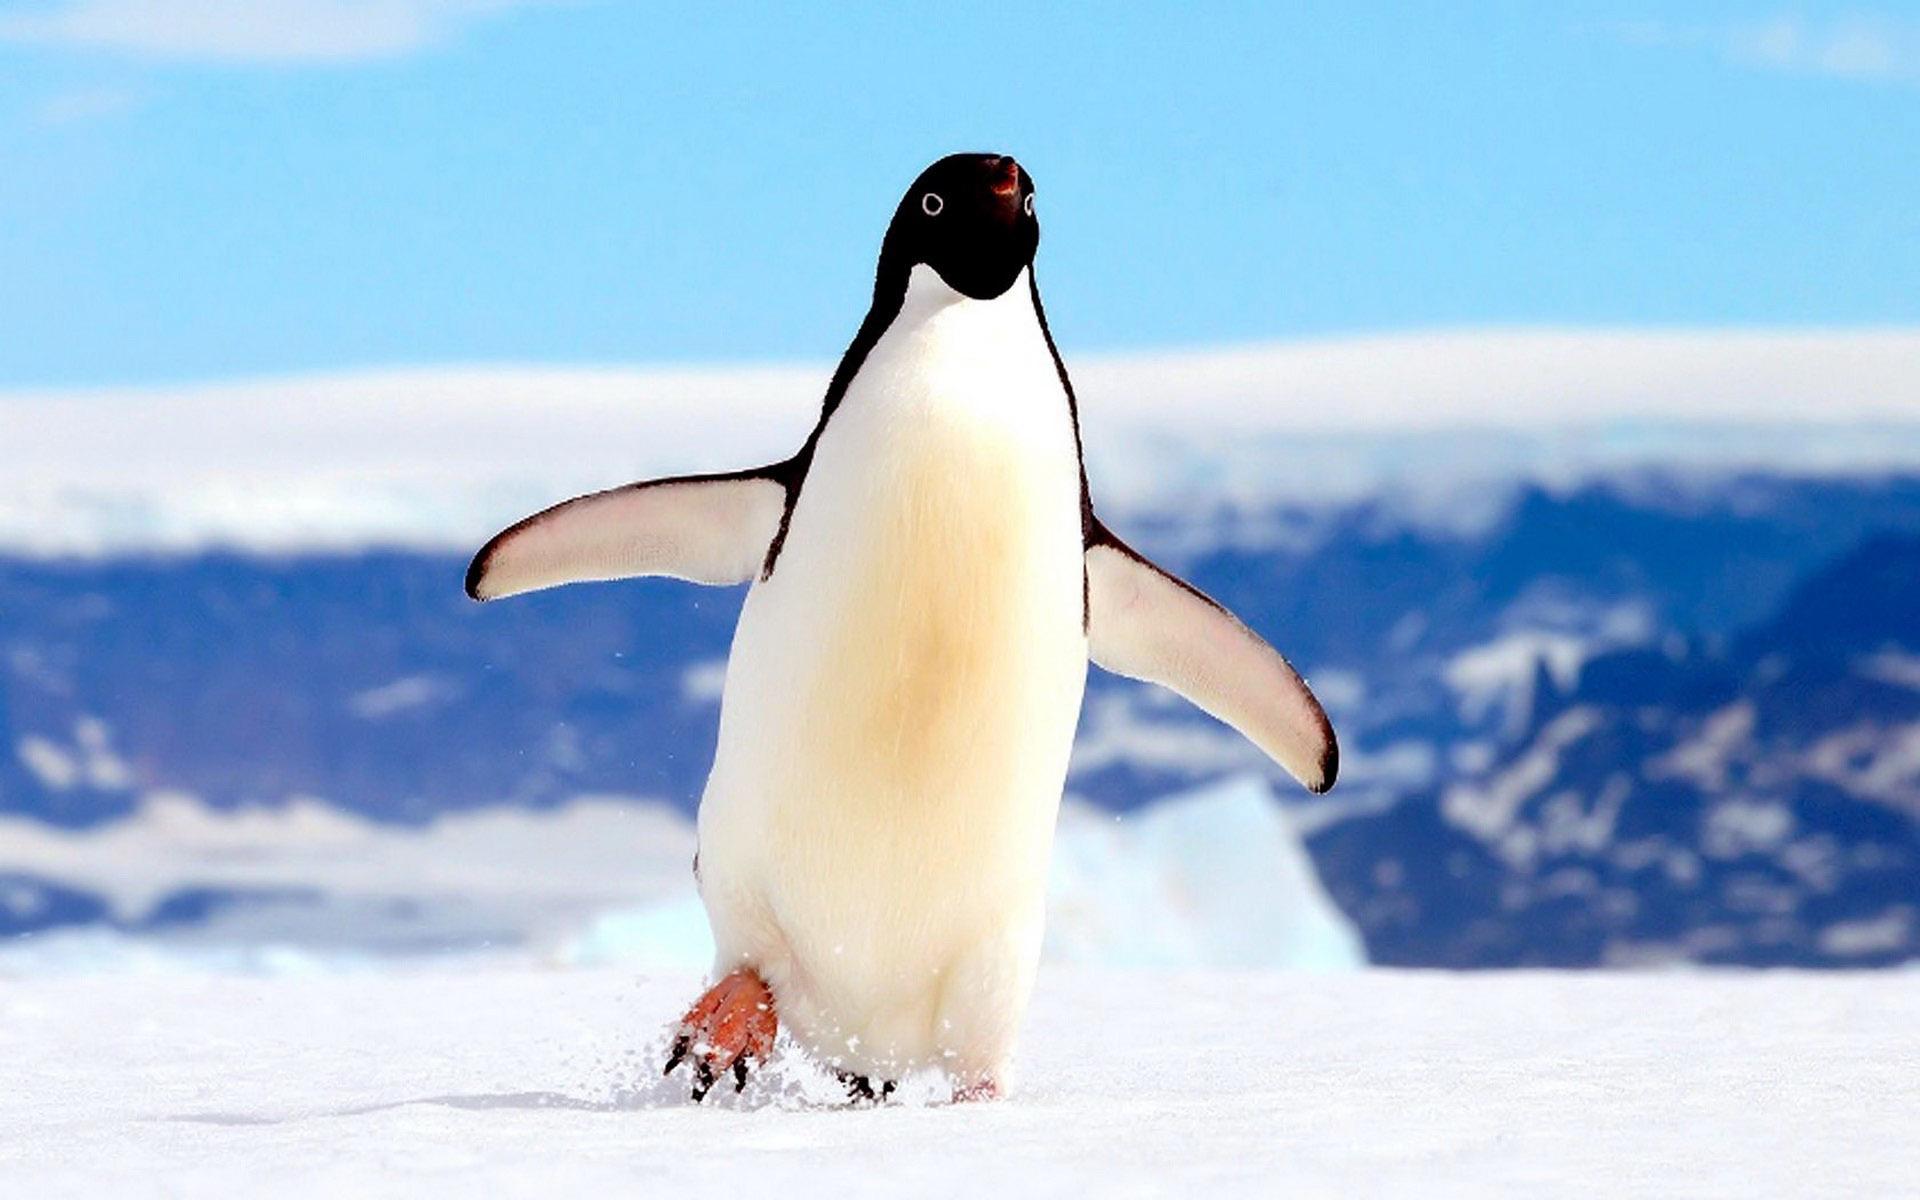 большей картинки про человека пингвина недоумевают, как